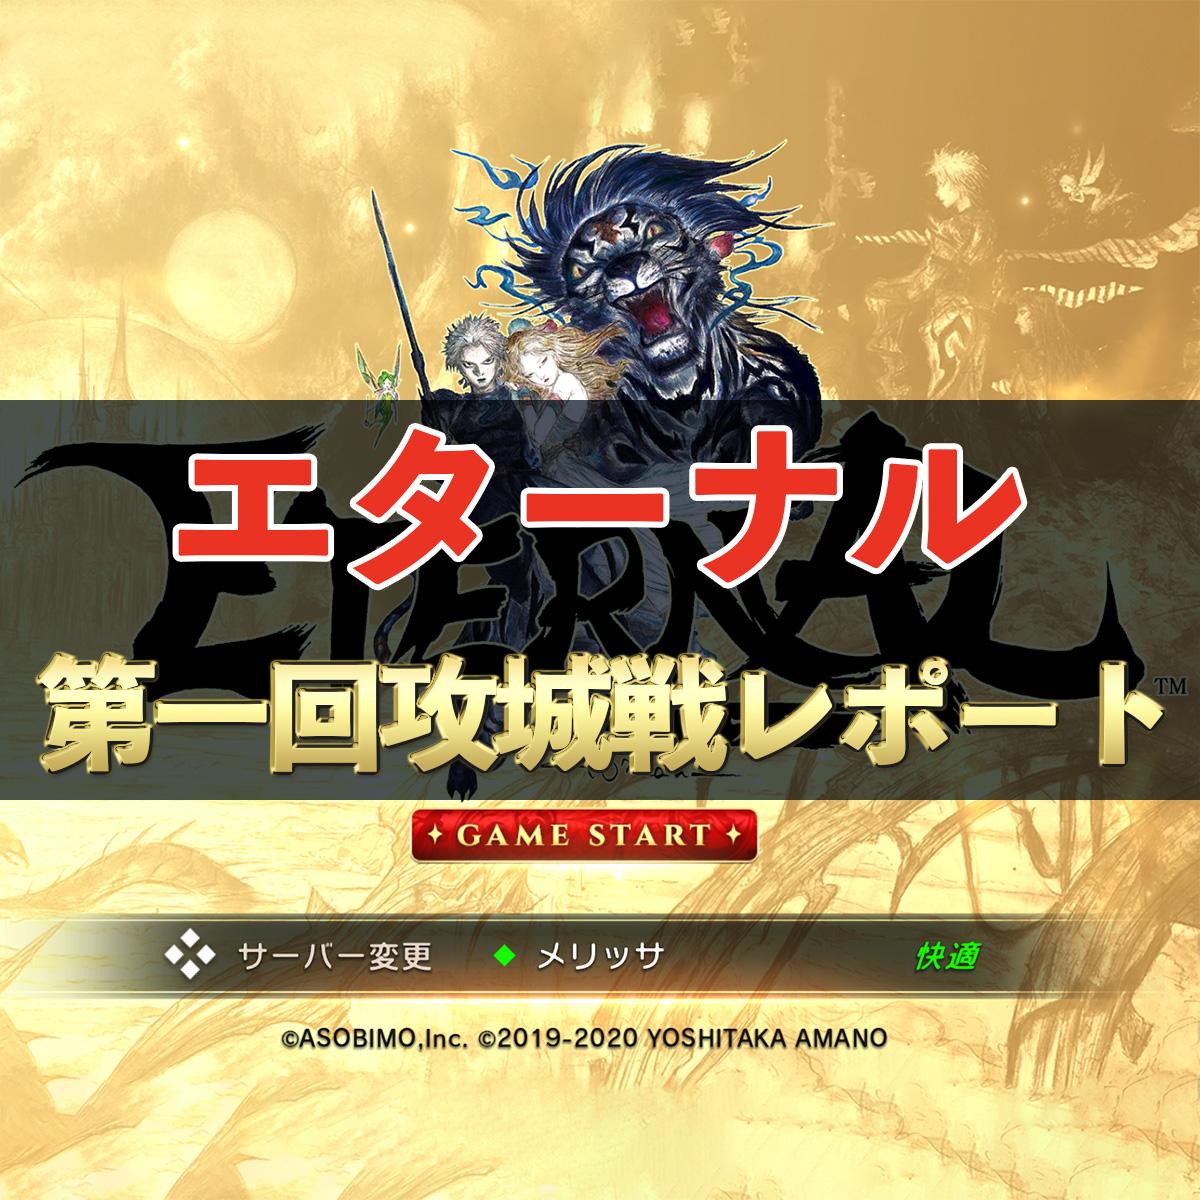 【エターナル】第一回攻城戦 アステルLuceGracieux参戦レポート